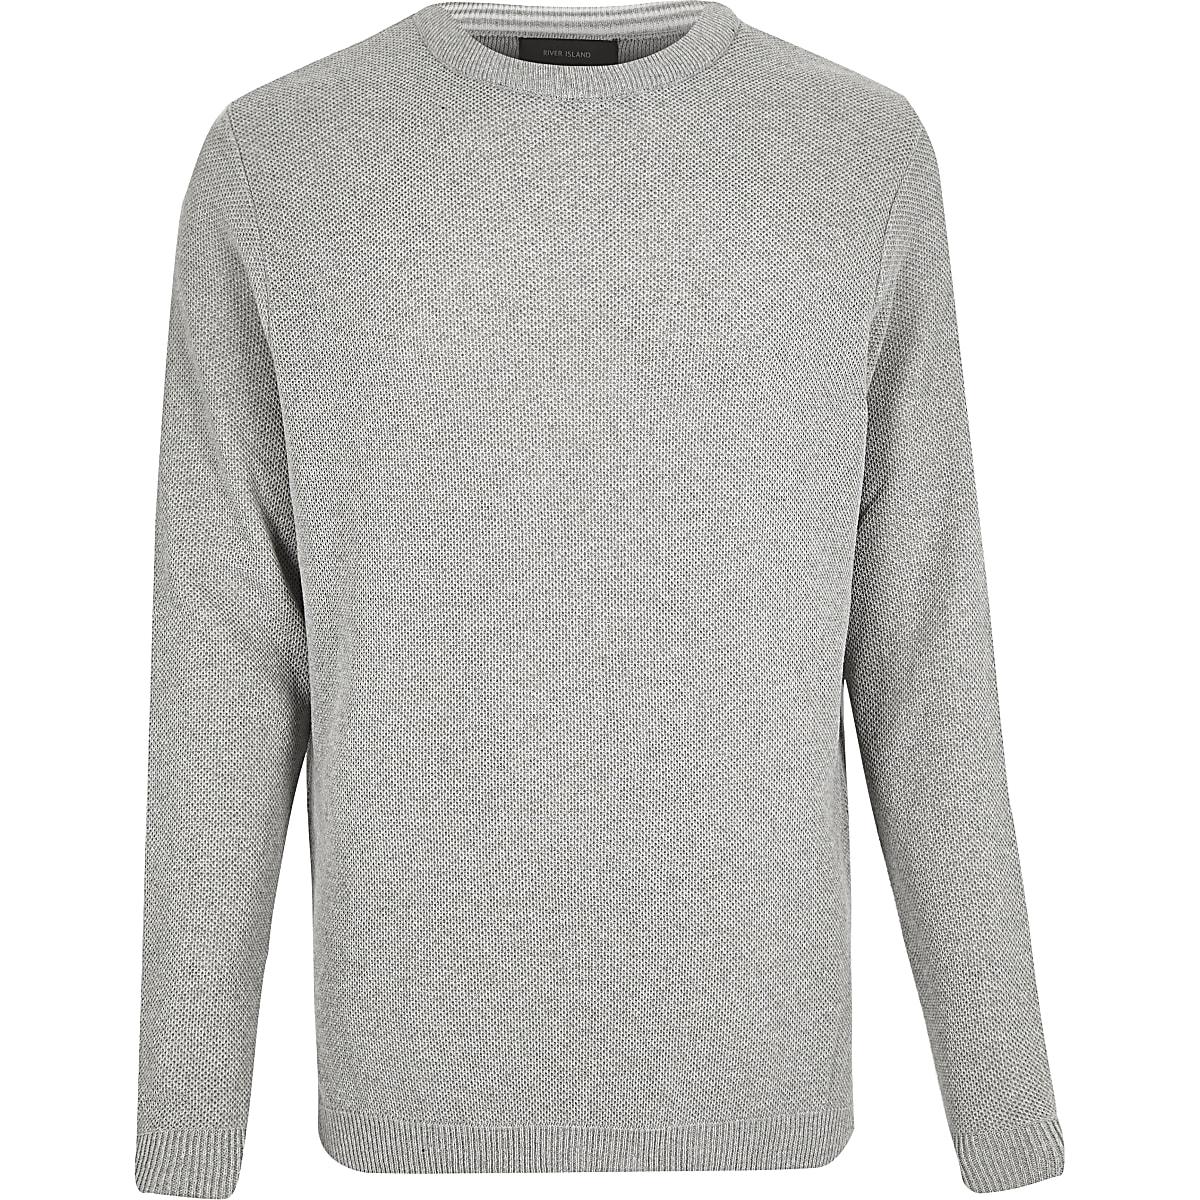 Grey textured jumper